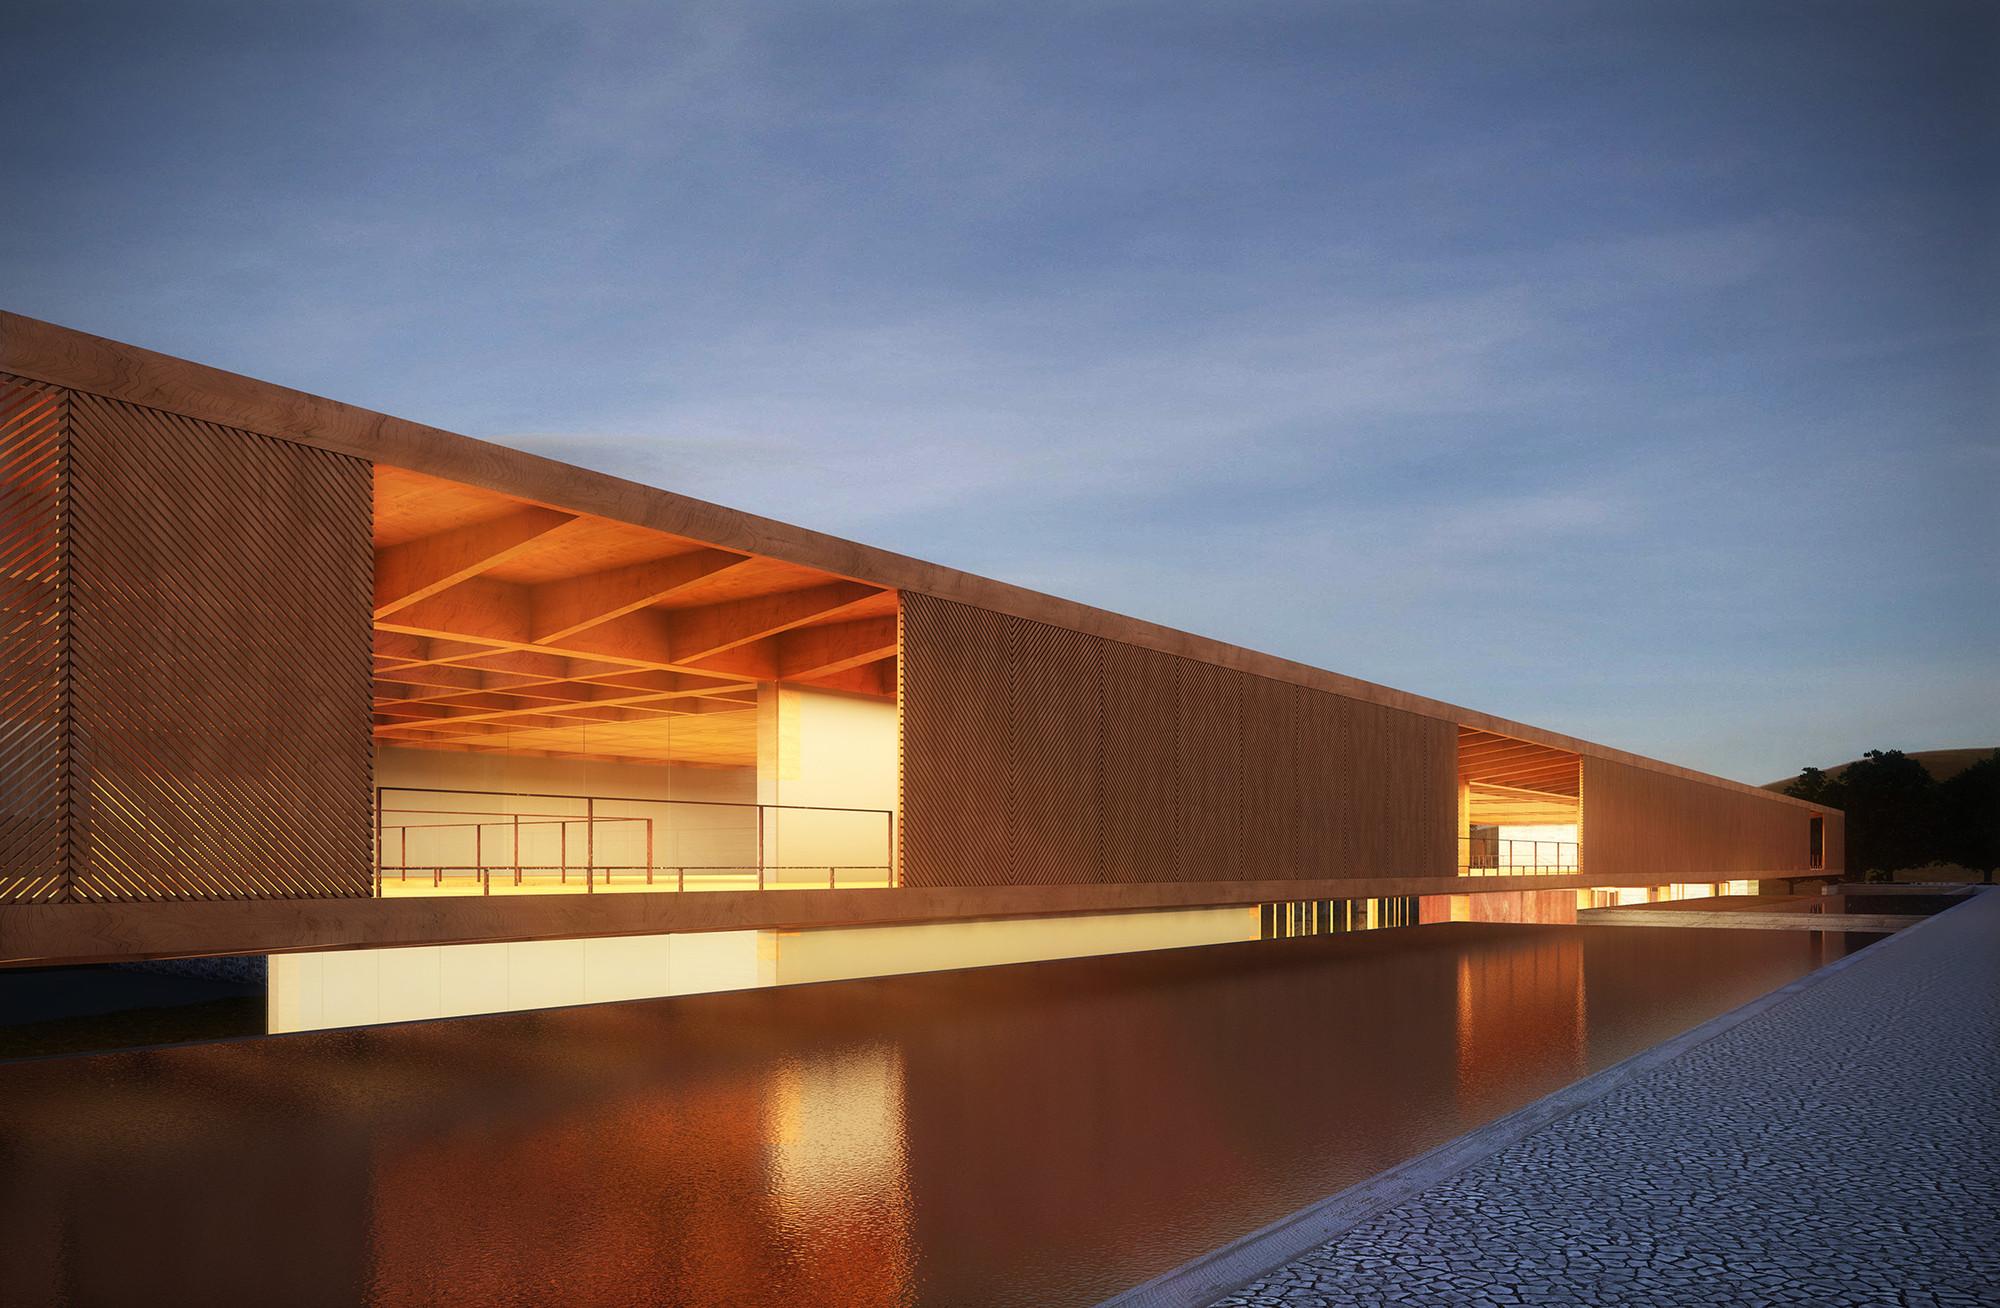 Menção Honrosa no Concurso para o Centro Cultural de Eventos e Exposições em Nova Friburgo / Mira arquitetos + João Rangel, Courtesy of Cortesia da equipe do projeto